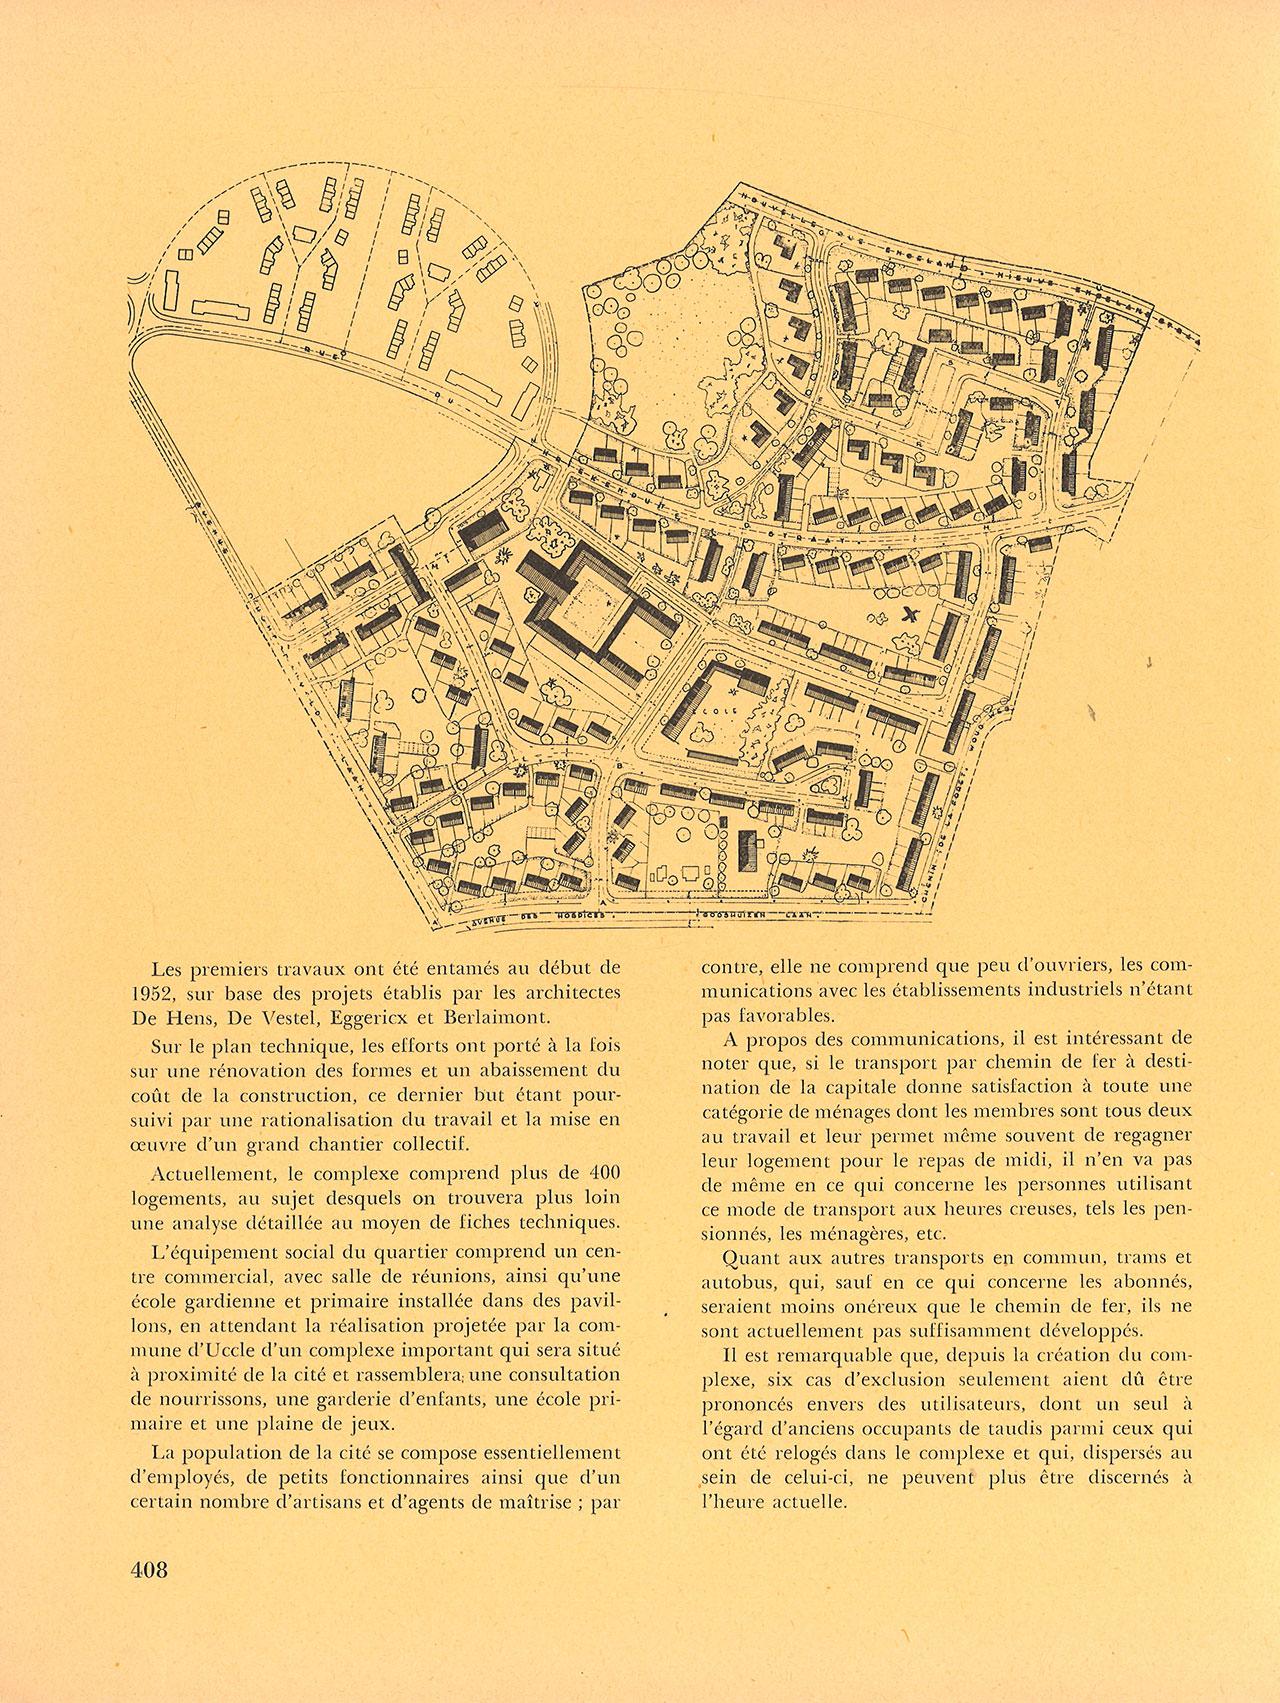 La cité Chantecler à Uccle